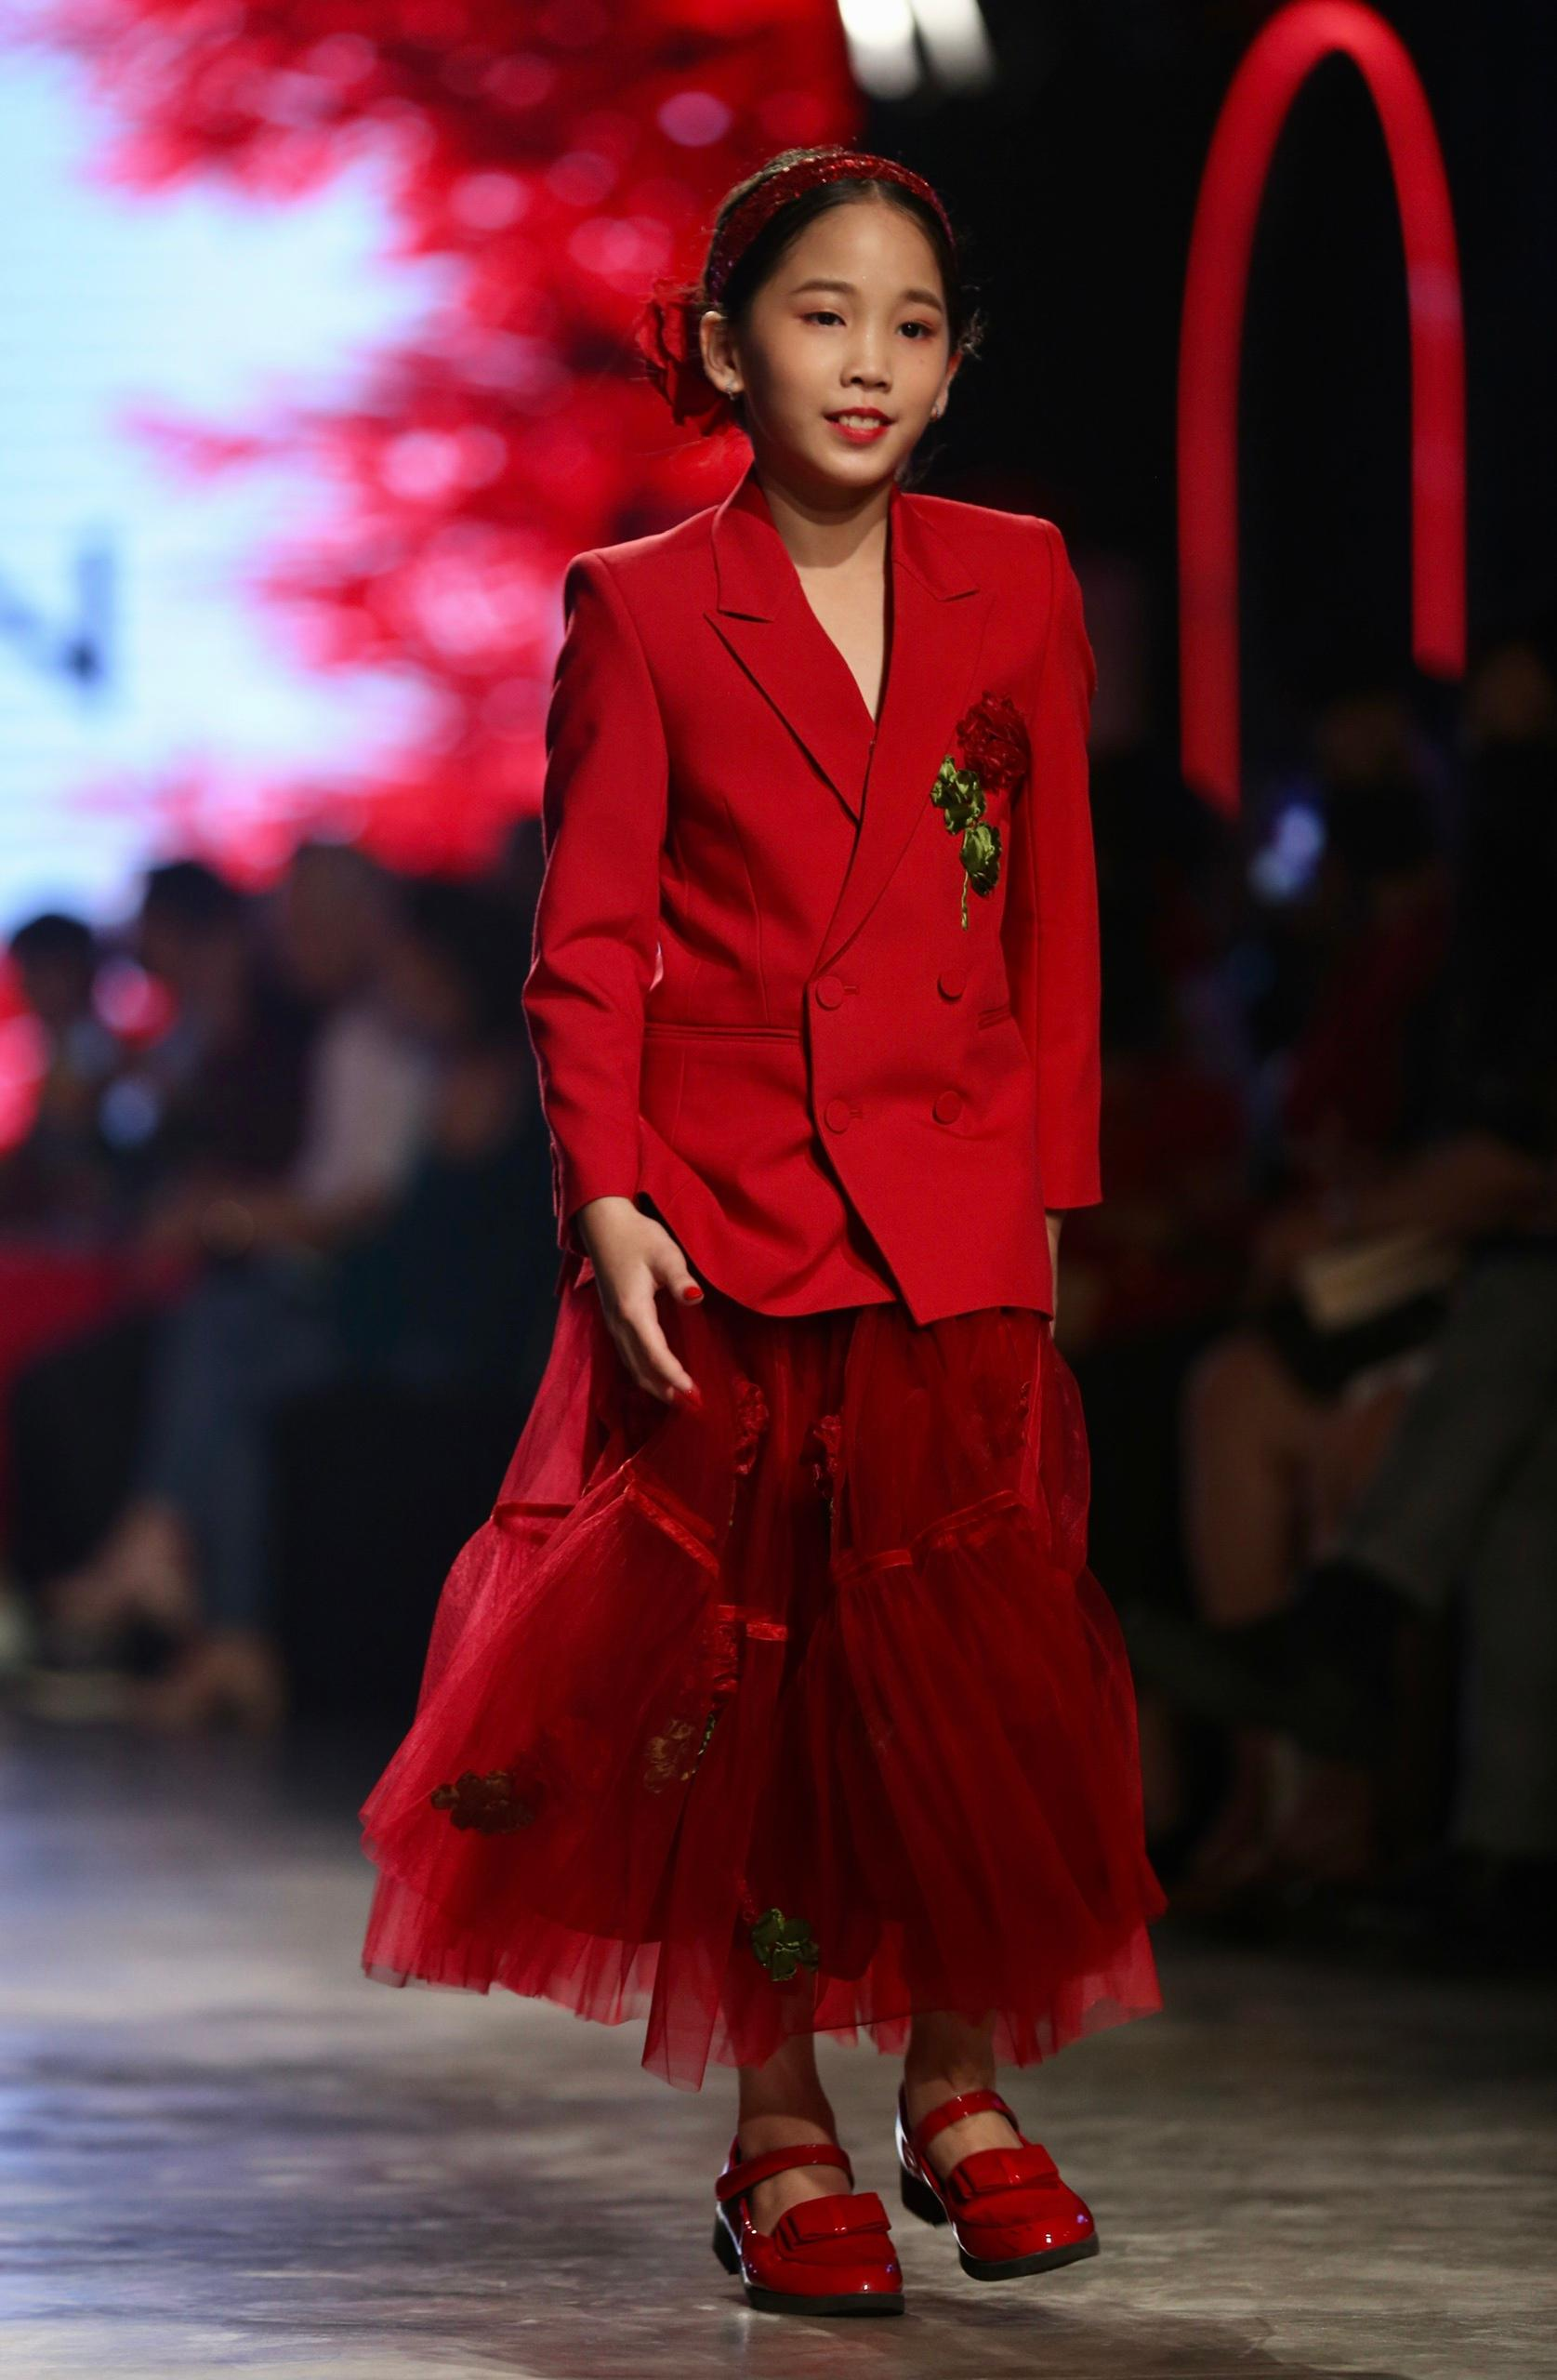 Hoa hậu Tiểu Vy mặc áo lưới gợi cảm trong show thời trang Ảnh 26